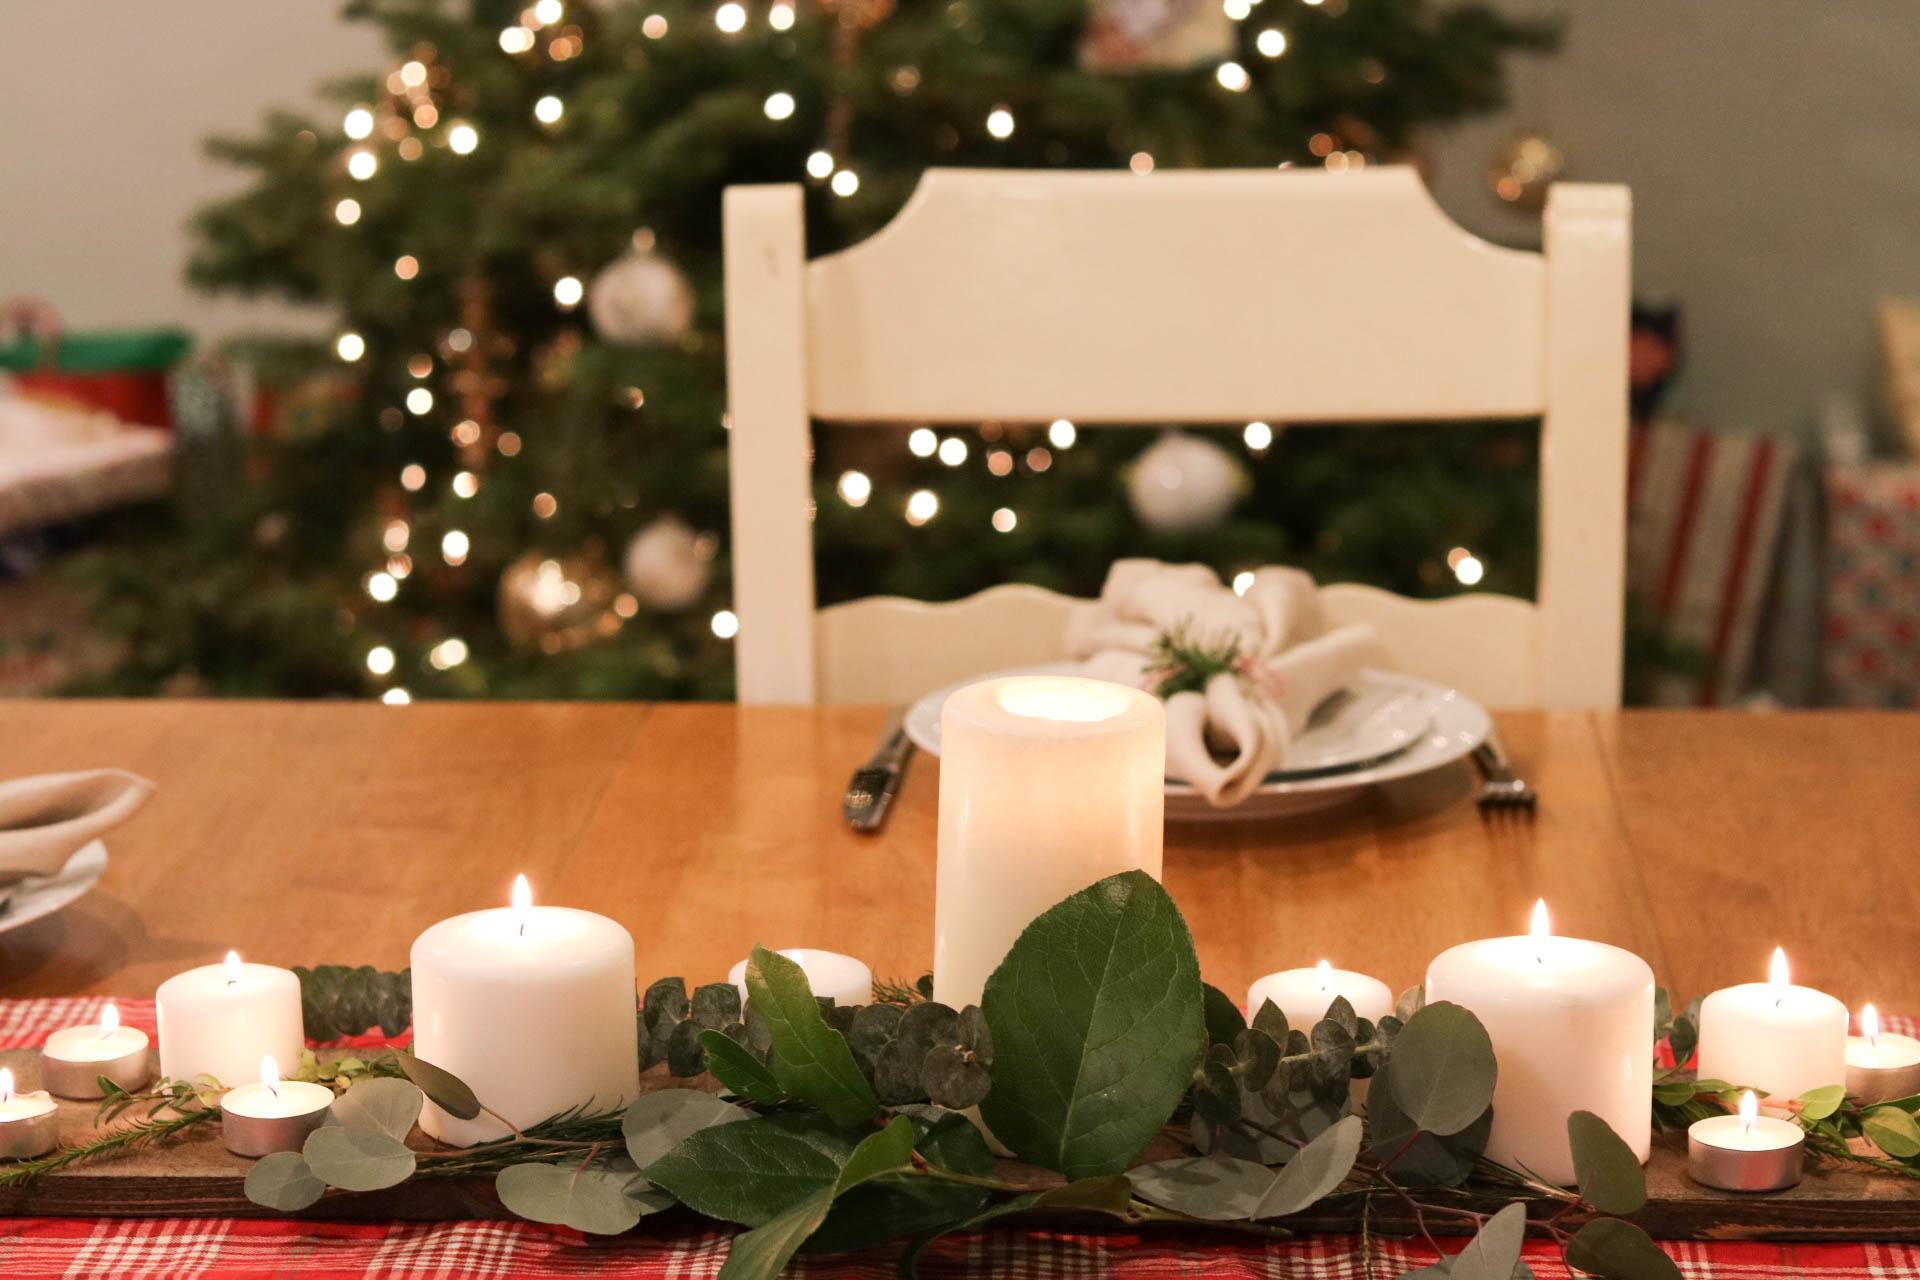 DIY Christmas Tabletop